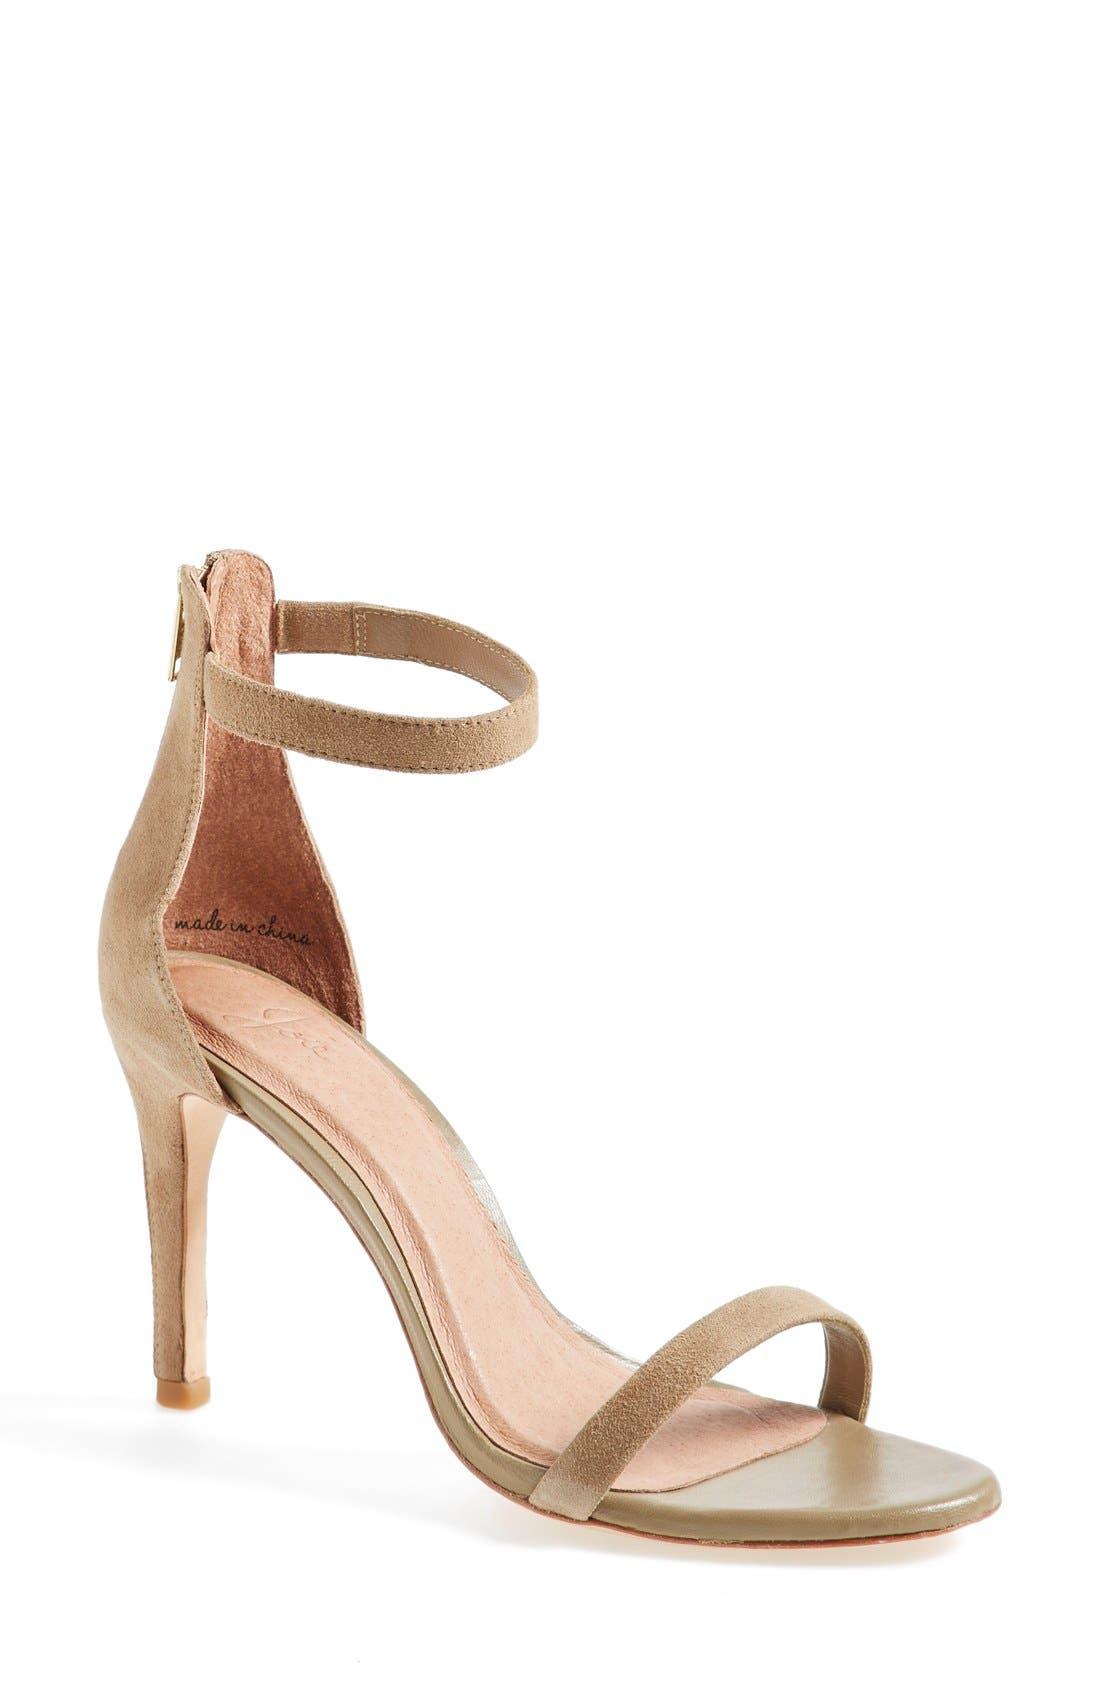 Main Image - Joie 'Abbott' Sandal (Women)